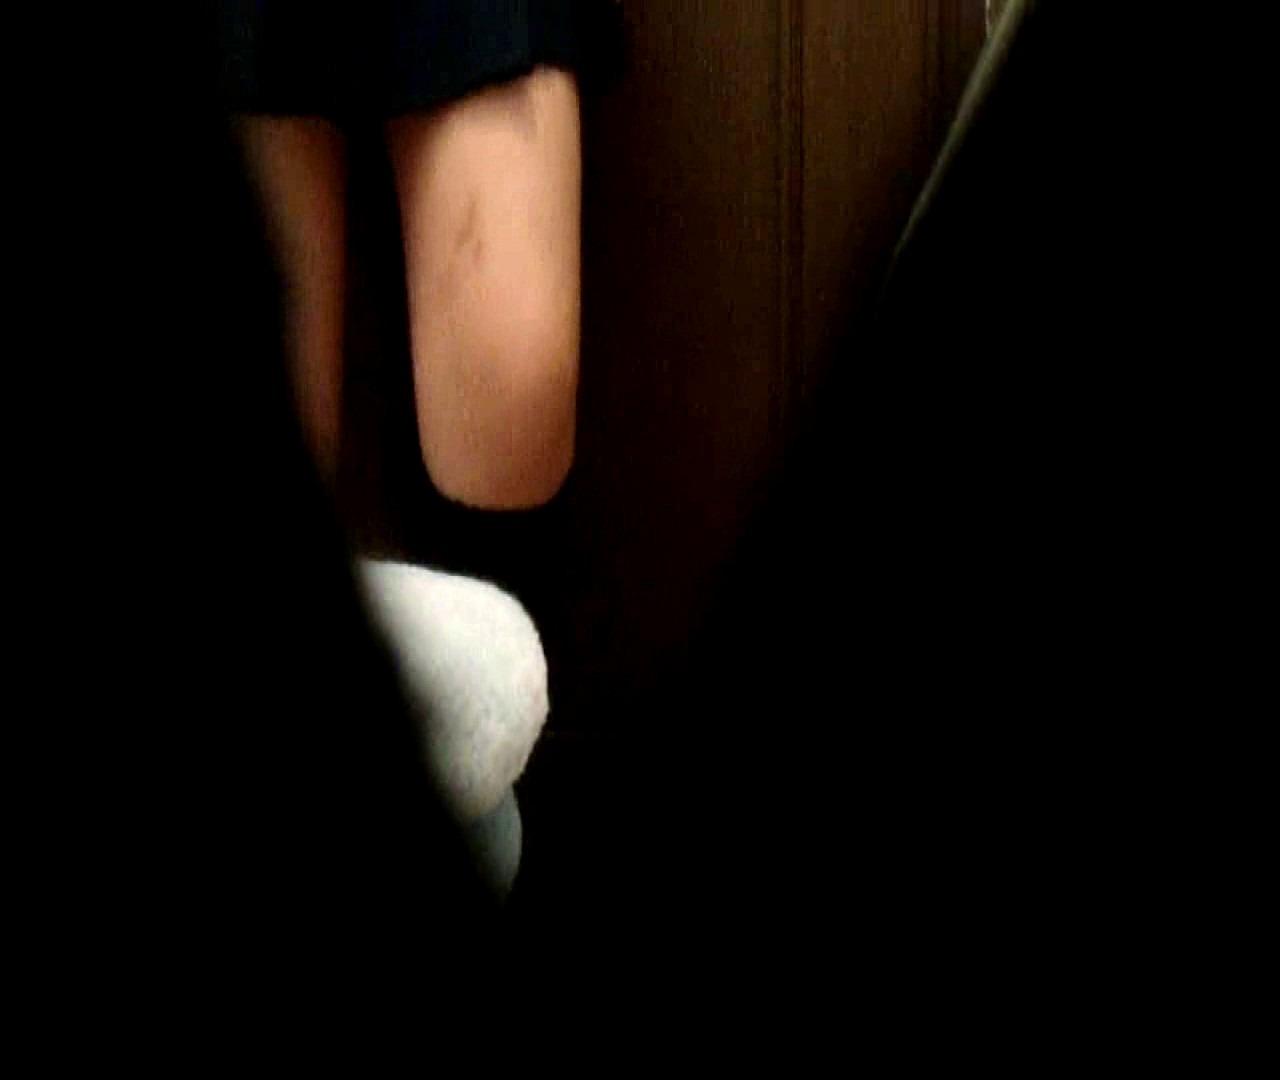 vol.3 まどかがパンツを見せながら部屋掃除、洗面所も少しどうぞ。 パンツ特集 エロ画像 106画像 18